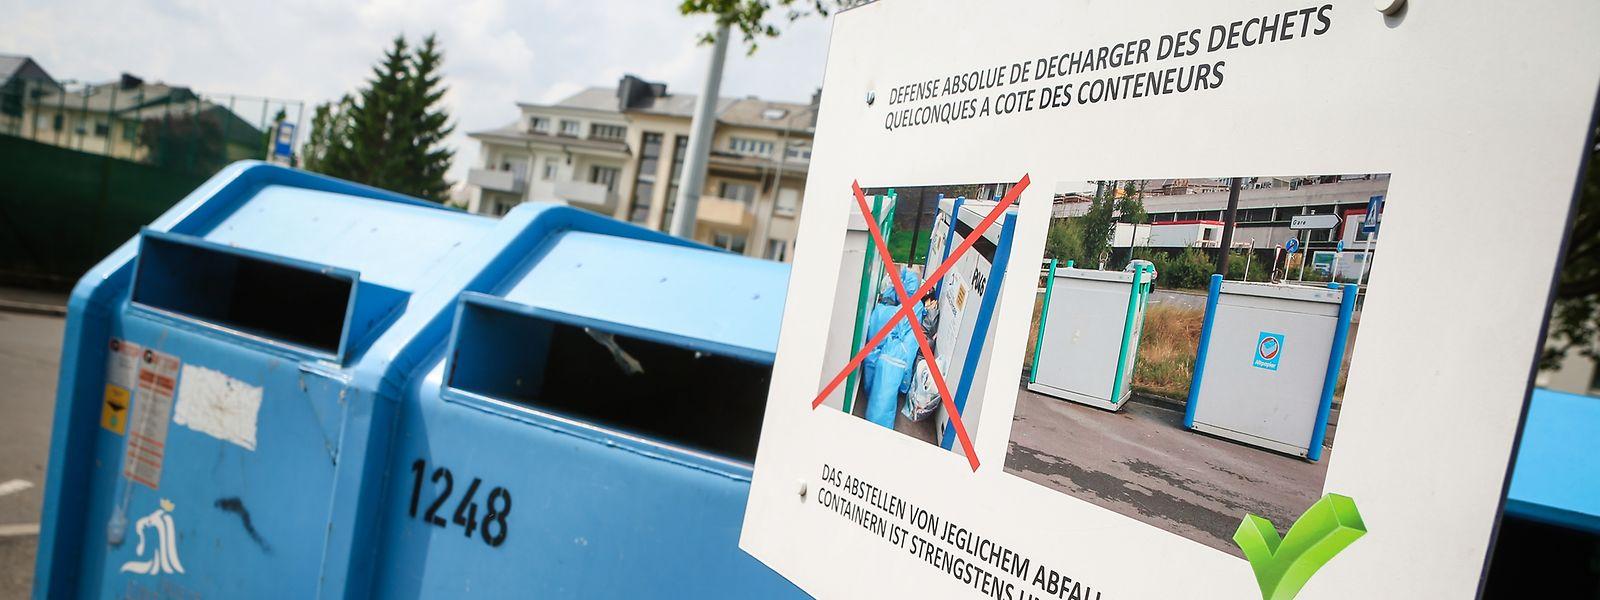 479 Tonnen illegal entsorgten Mülls sammelte der hauptstädtische Hygienedienst im vergangenen Jahr ein.